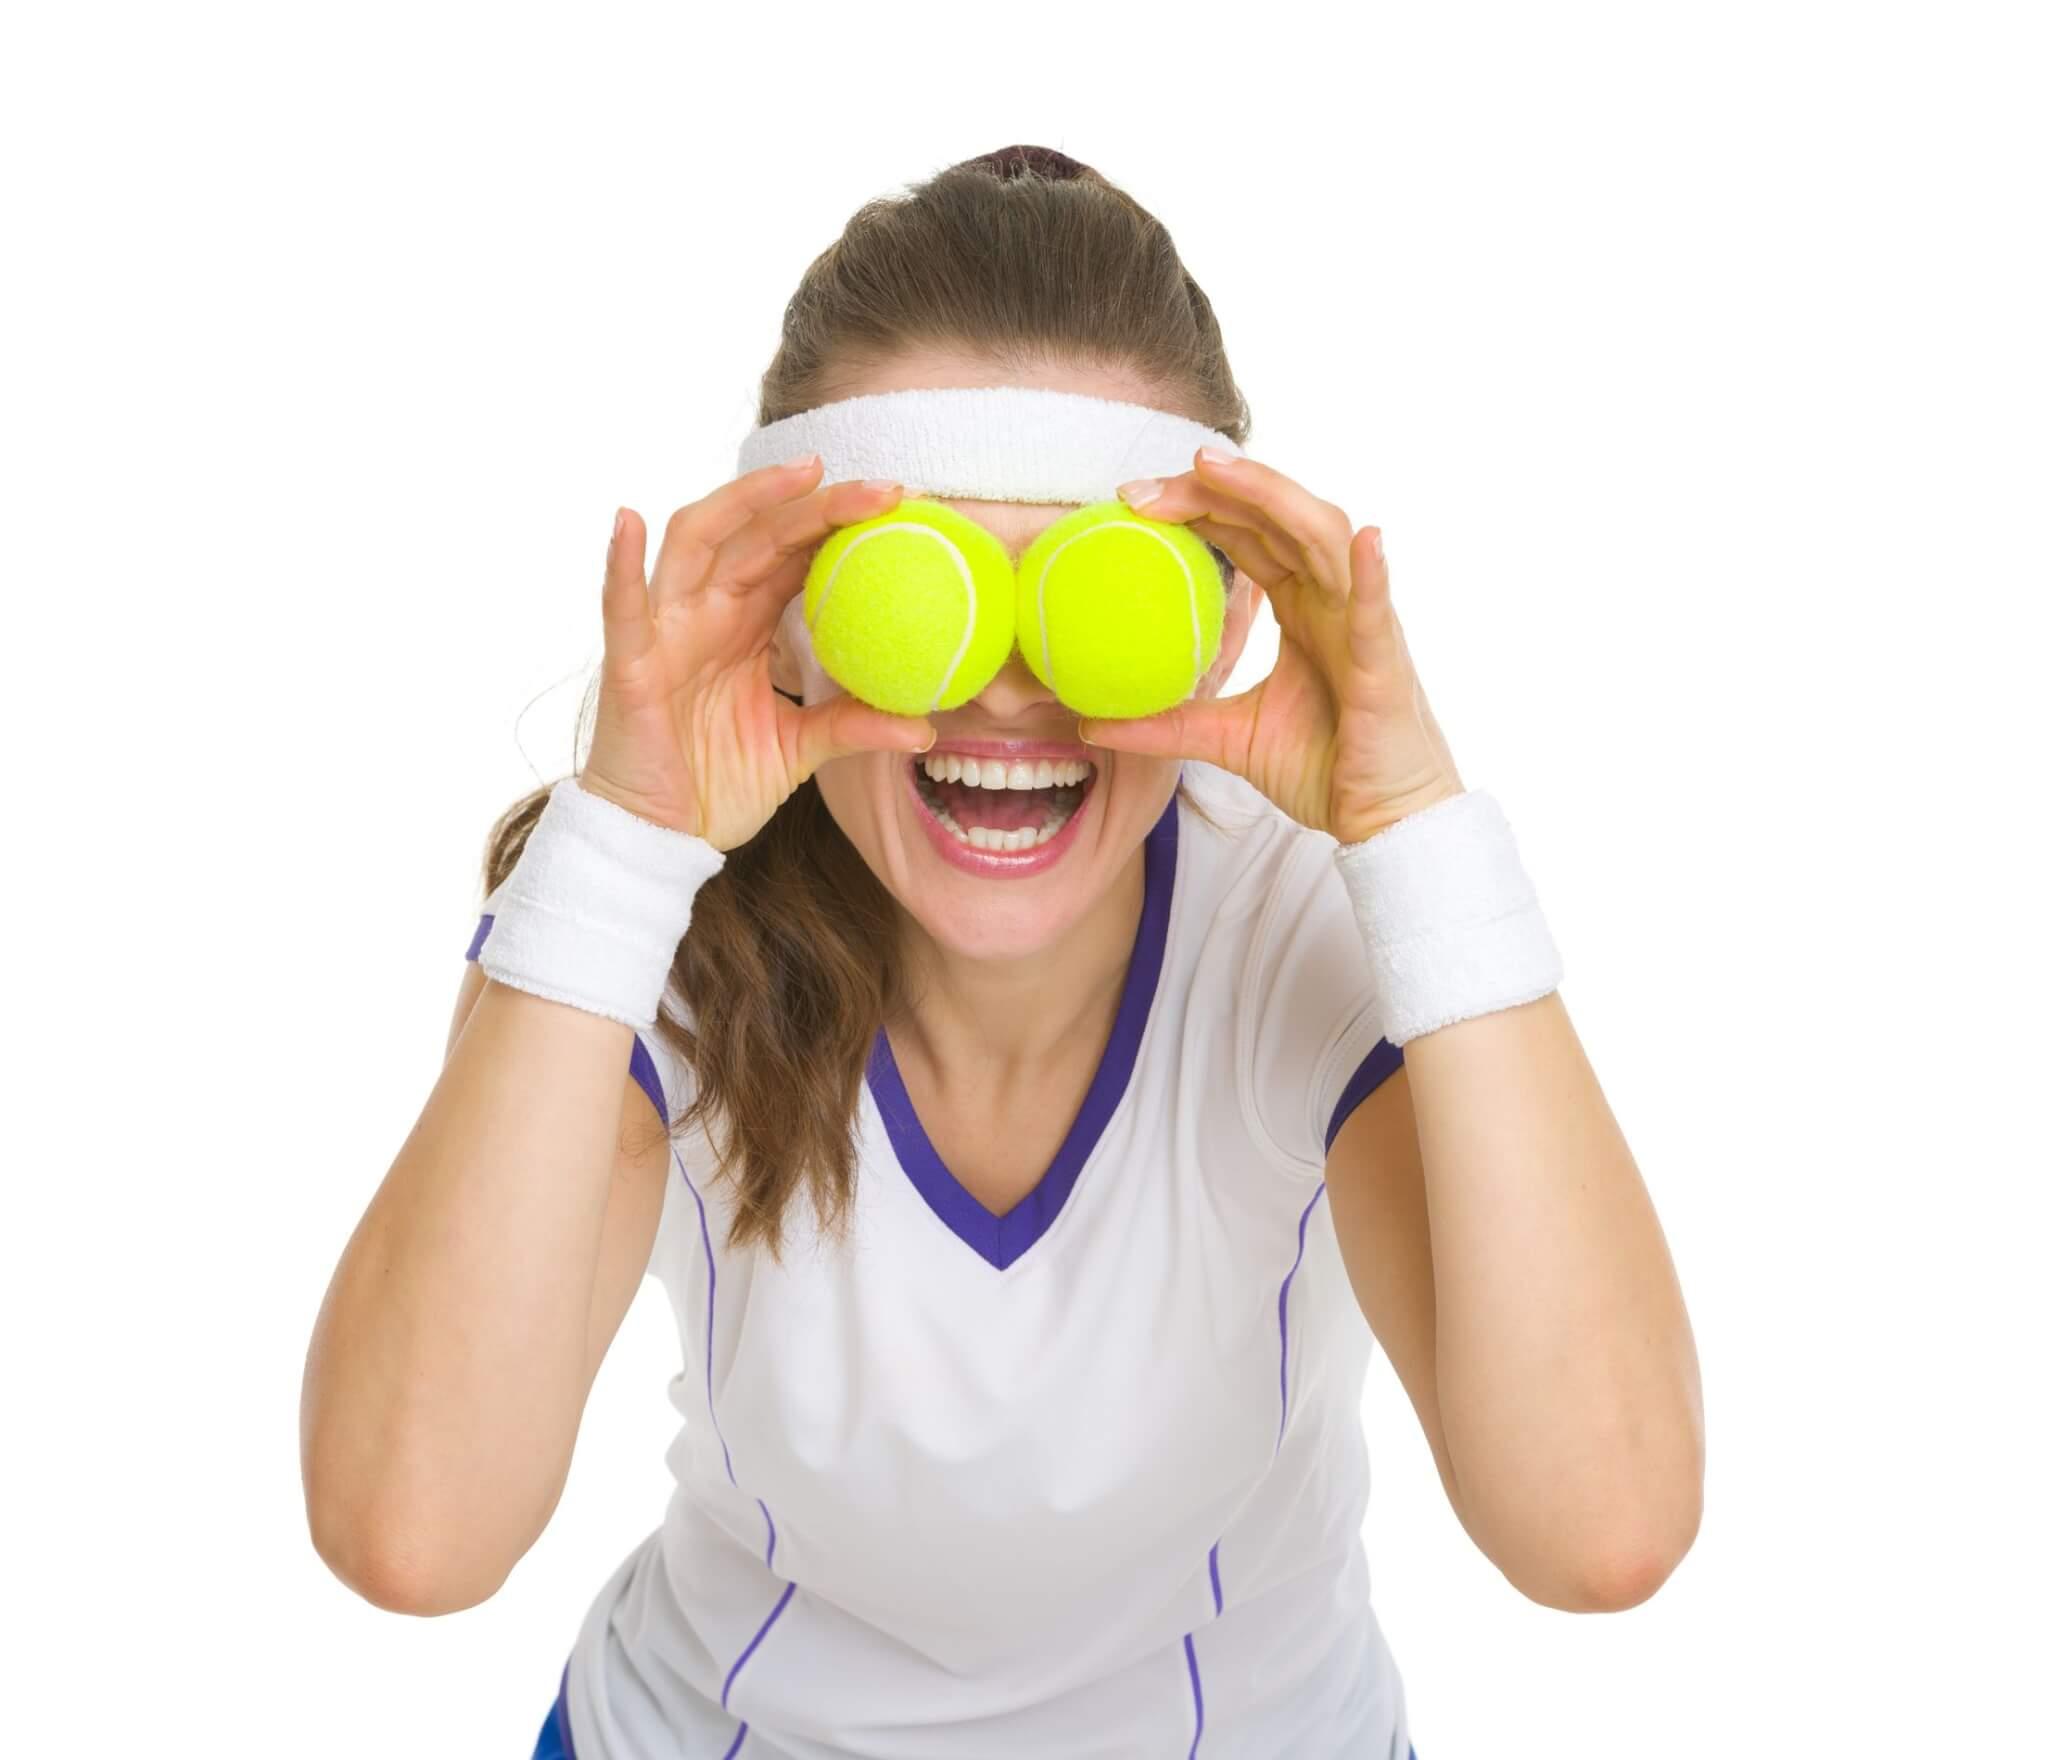 Lasik Laser Vision Correction Testimonials Denver: Fichte Endl & Elmer Eyecare